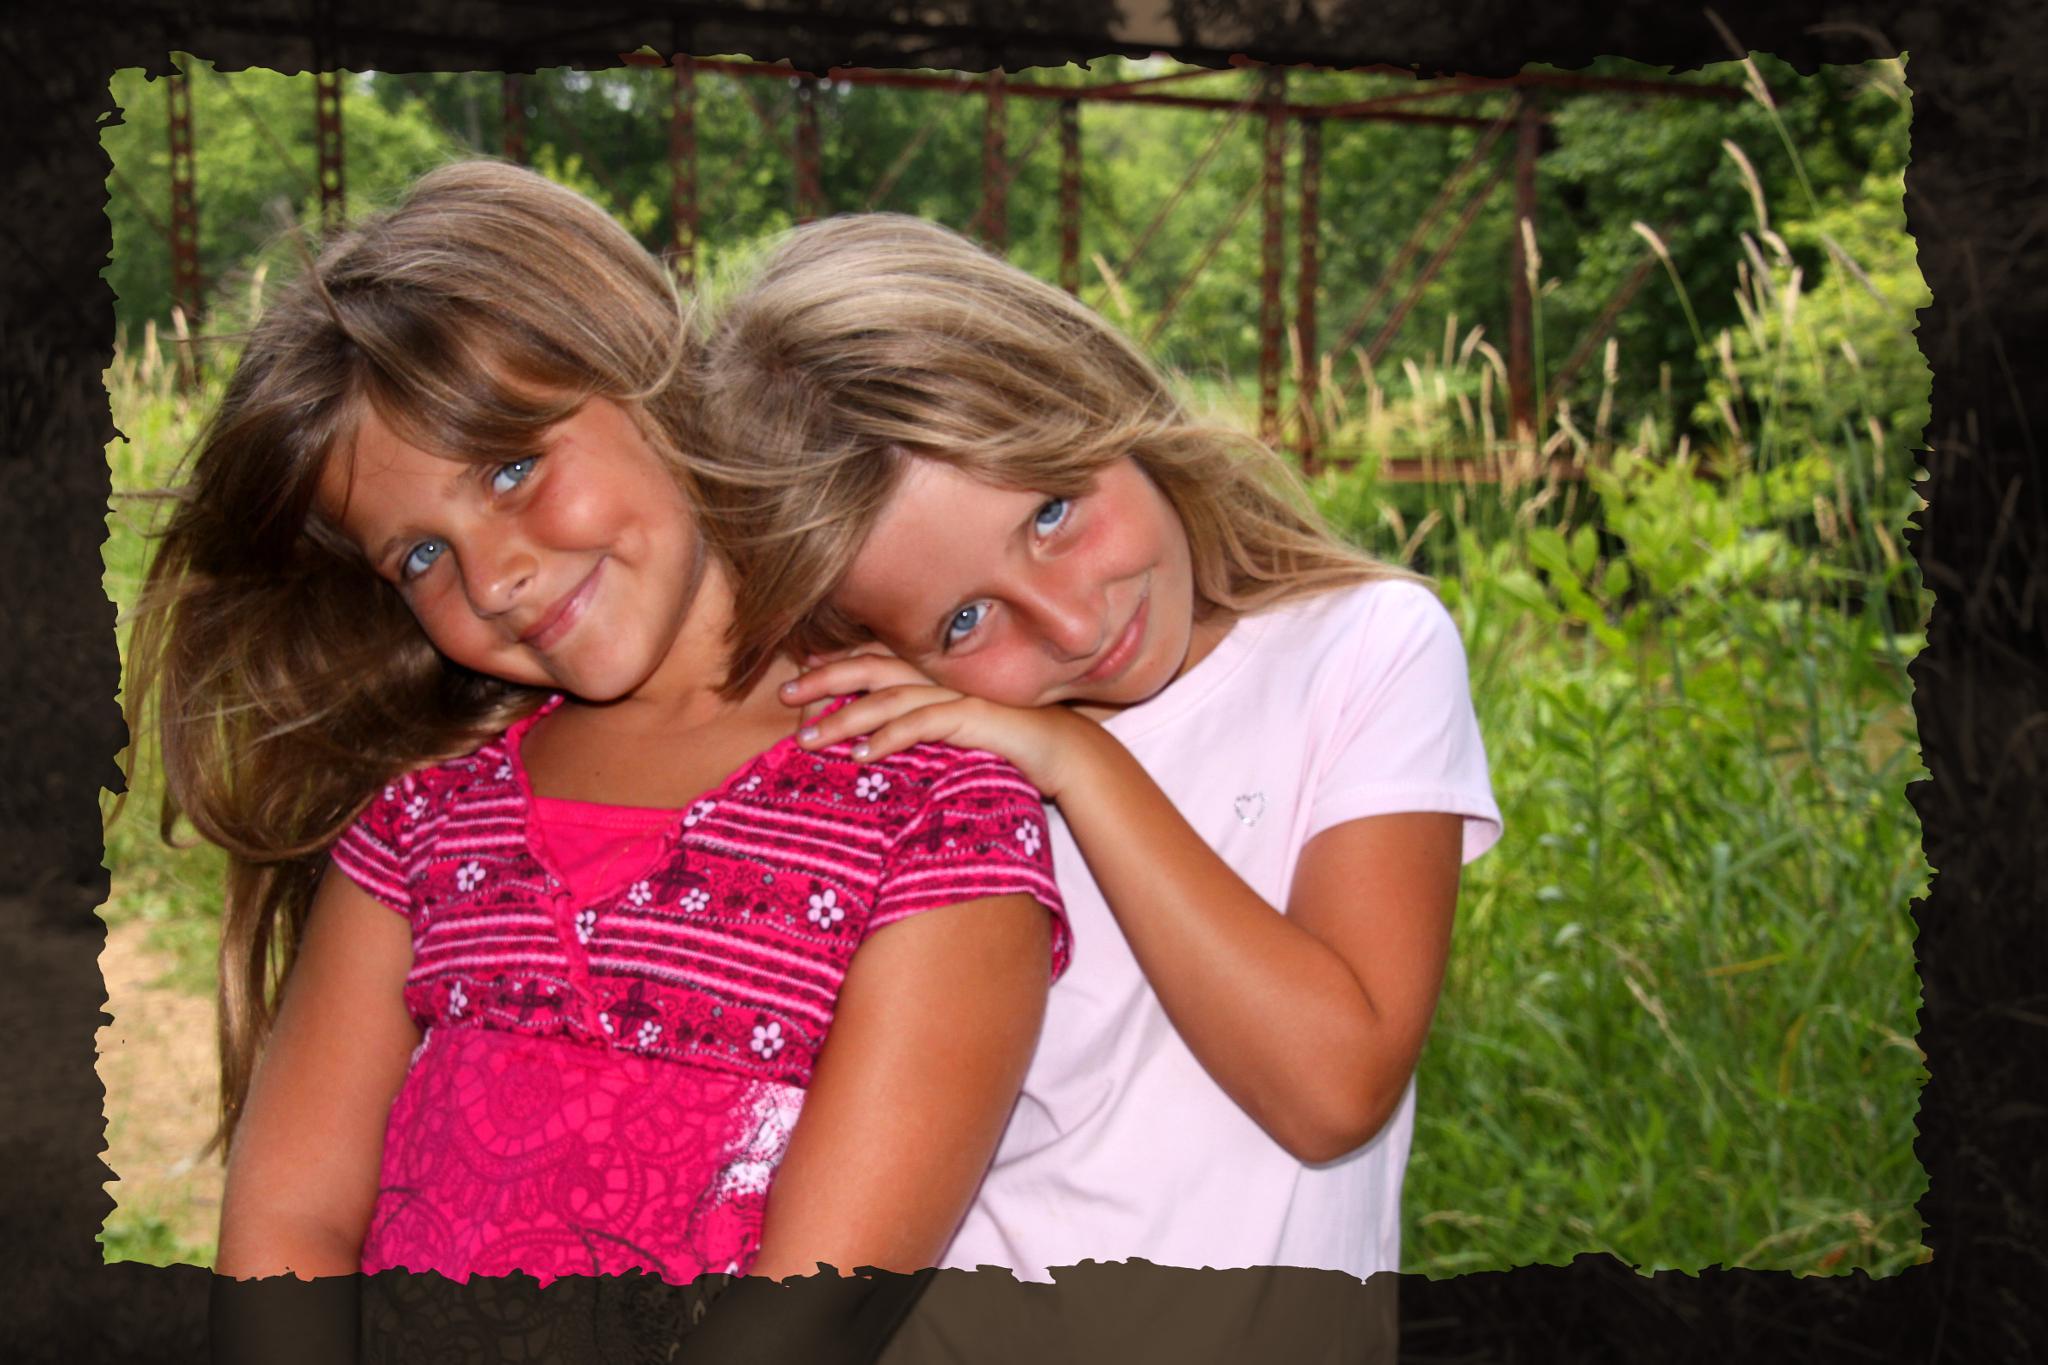 Summertime Sisters by Ryan W. Niemiec